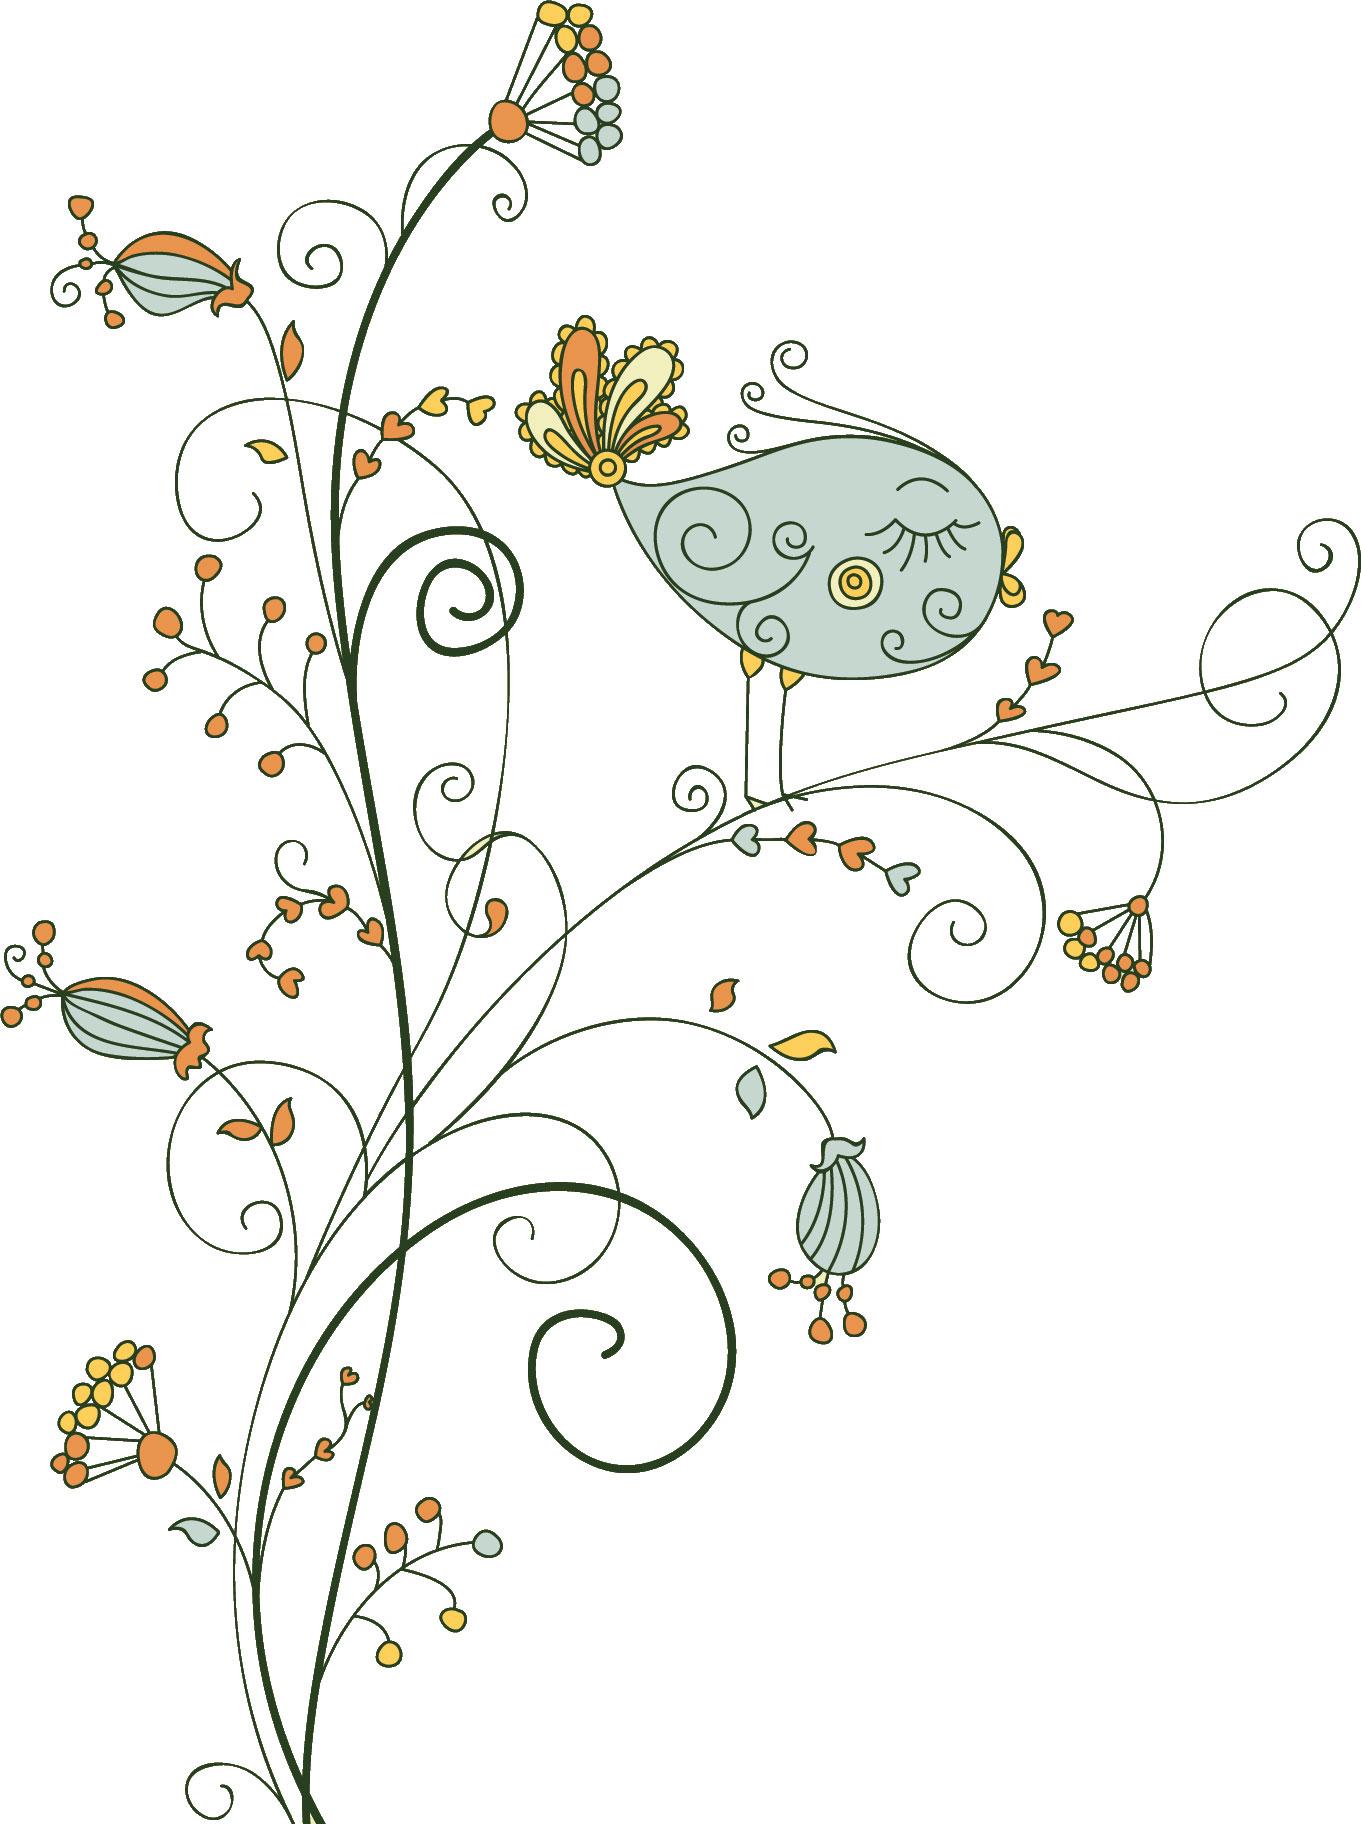 ポップでかわいい花のイラストフリー素材no069花にとまる鳥